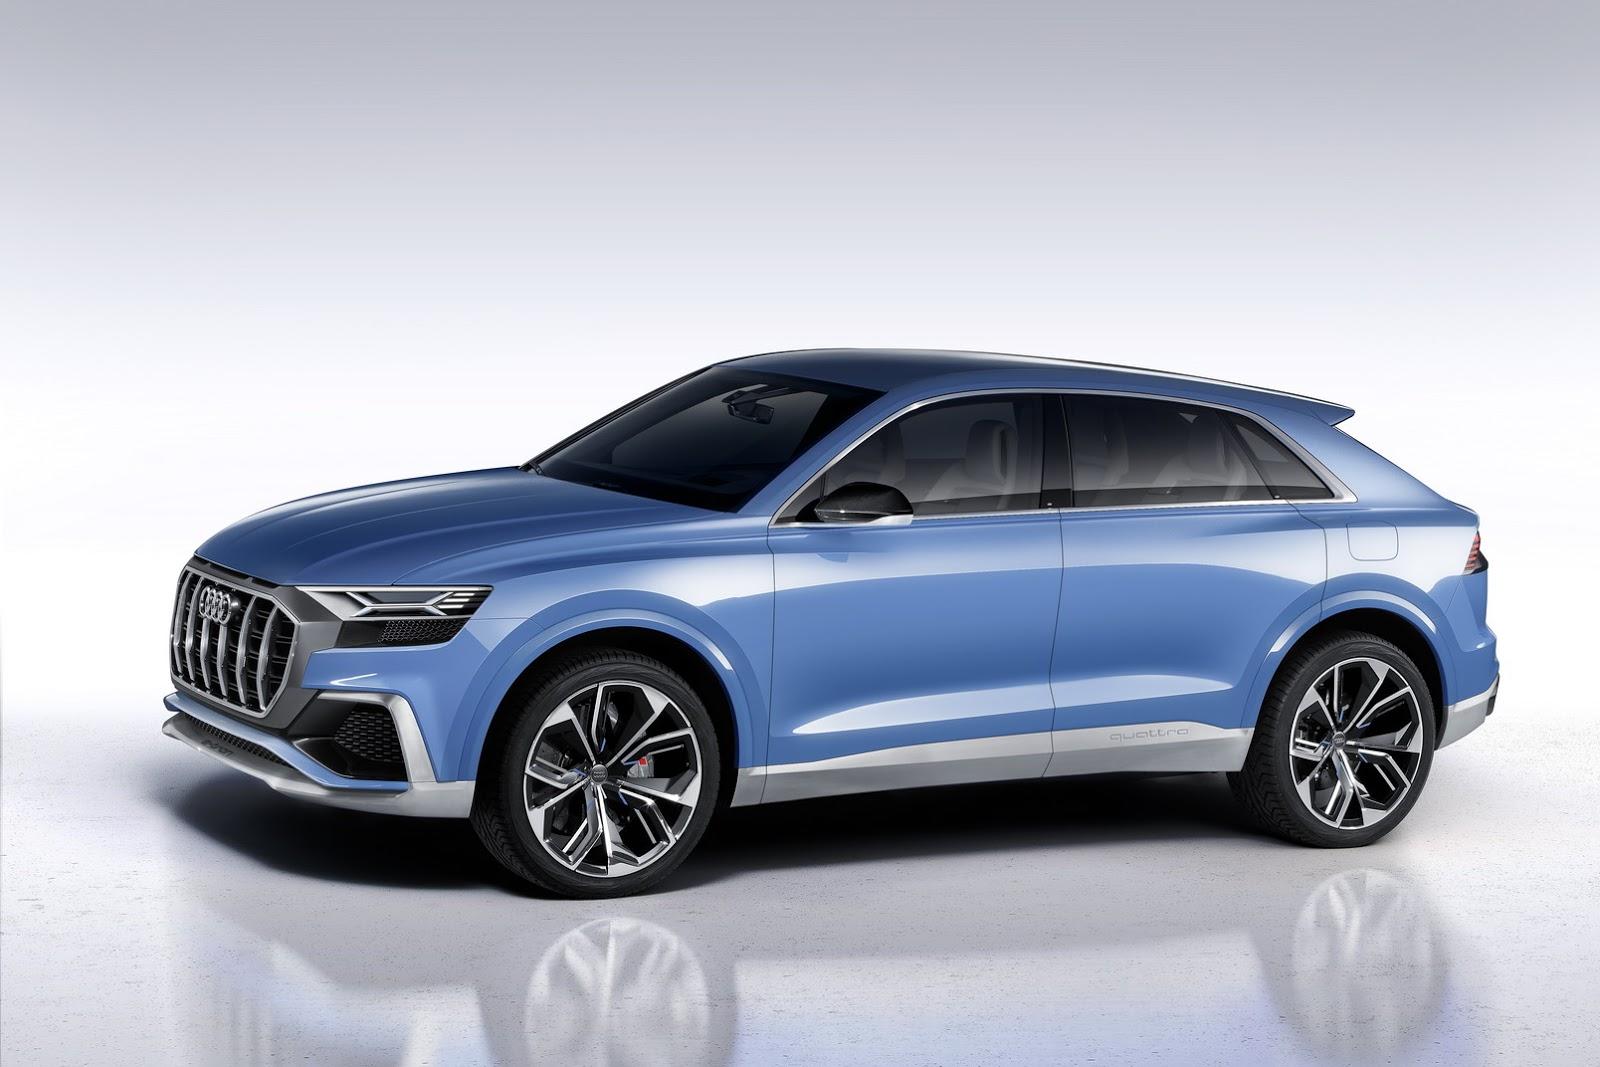 Audi_Q8_concept_06